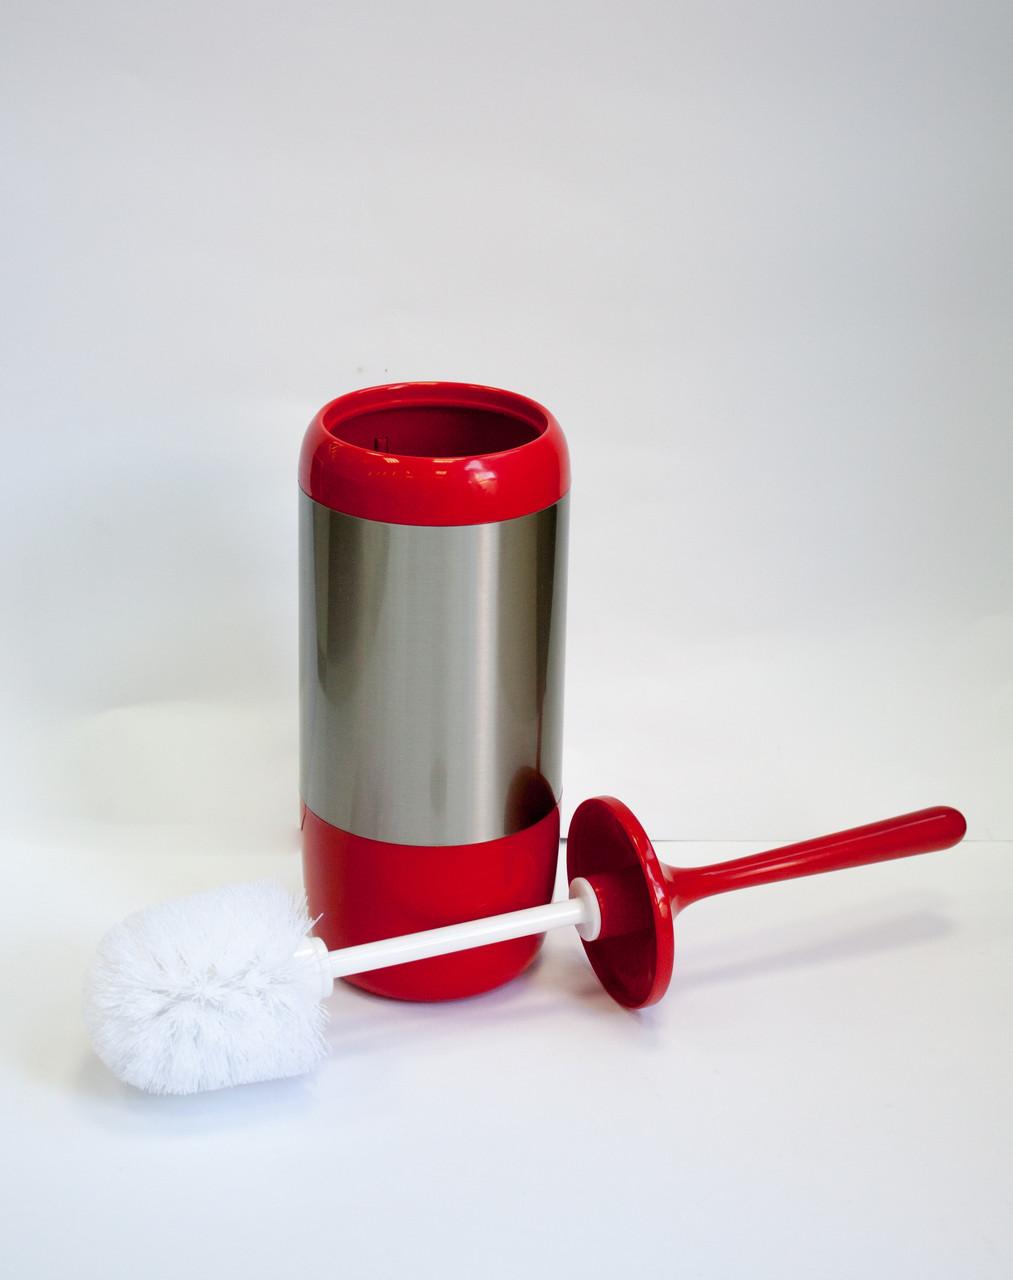 Щетка туалетная серия Лима (цвет красный)